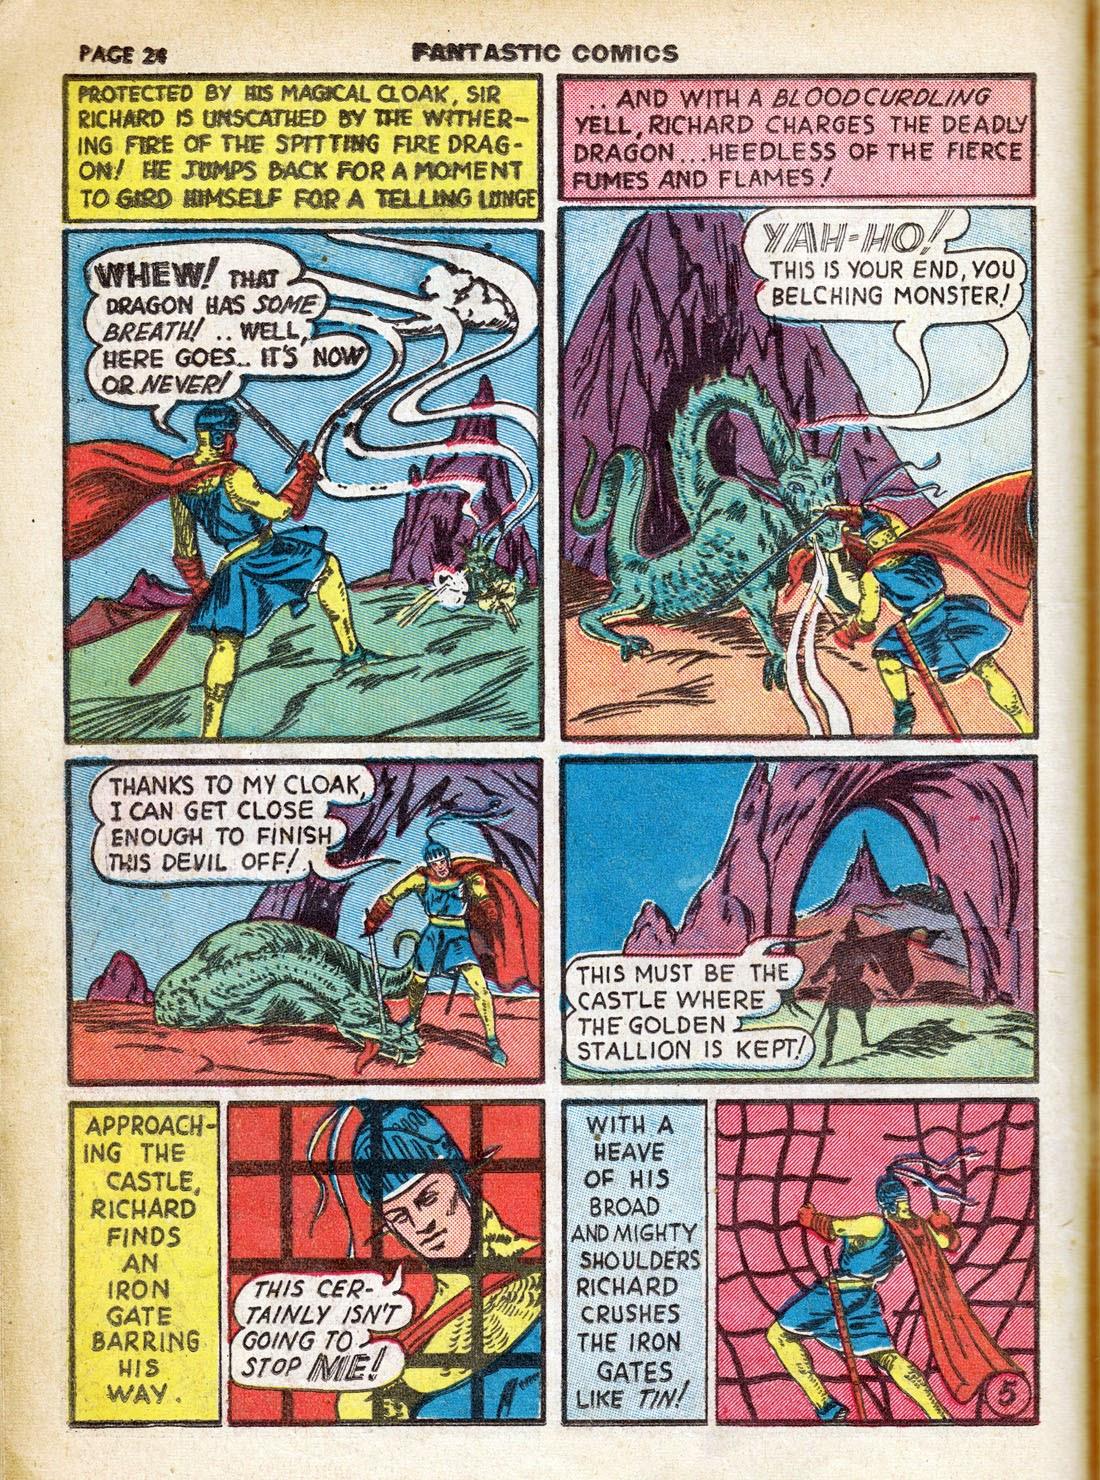 Read online Fantastic Comics comic -  Issue #7 - 26